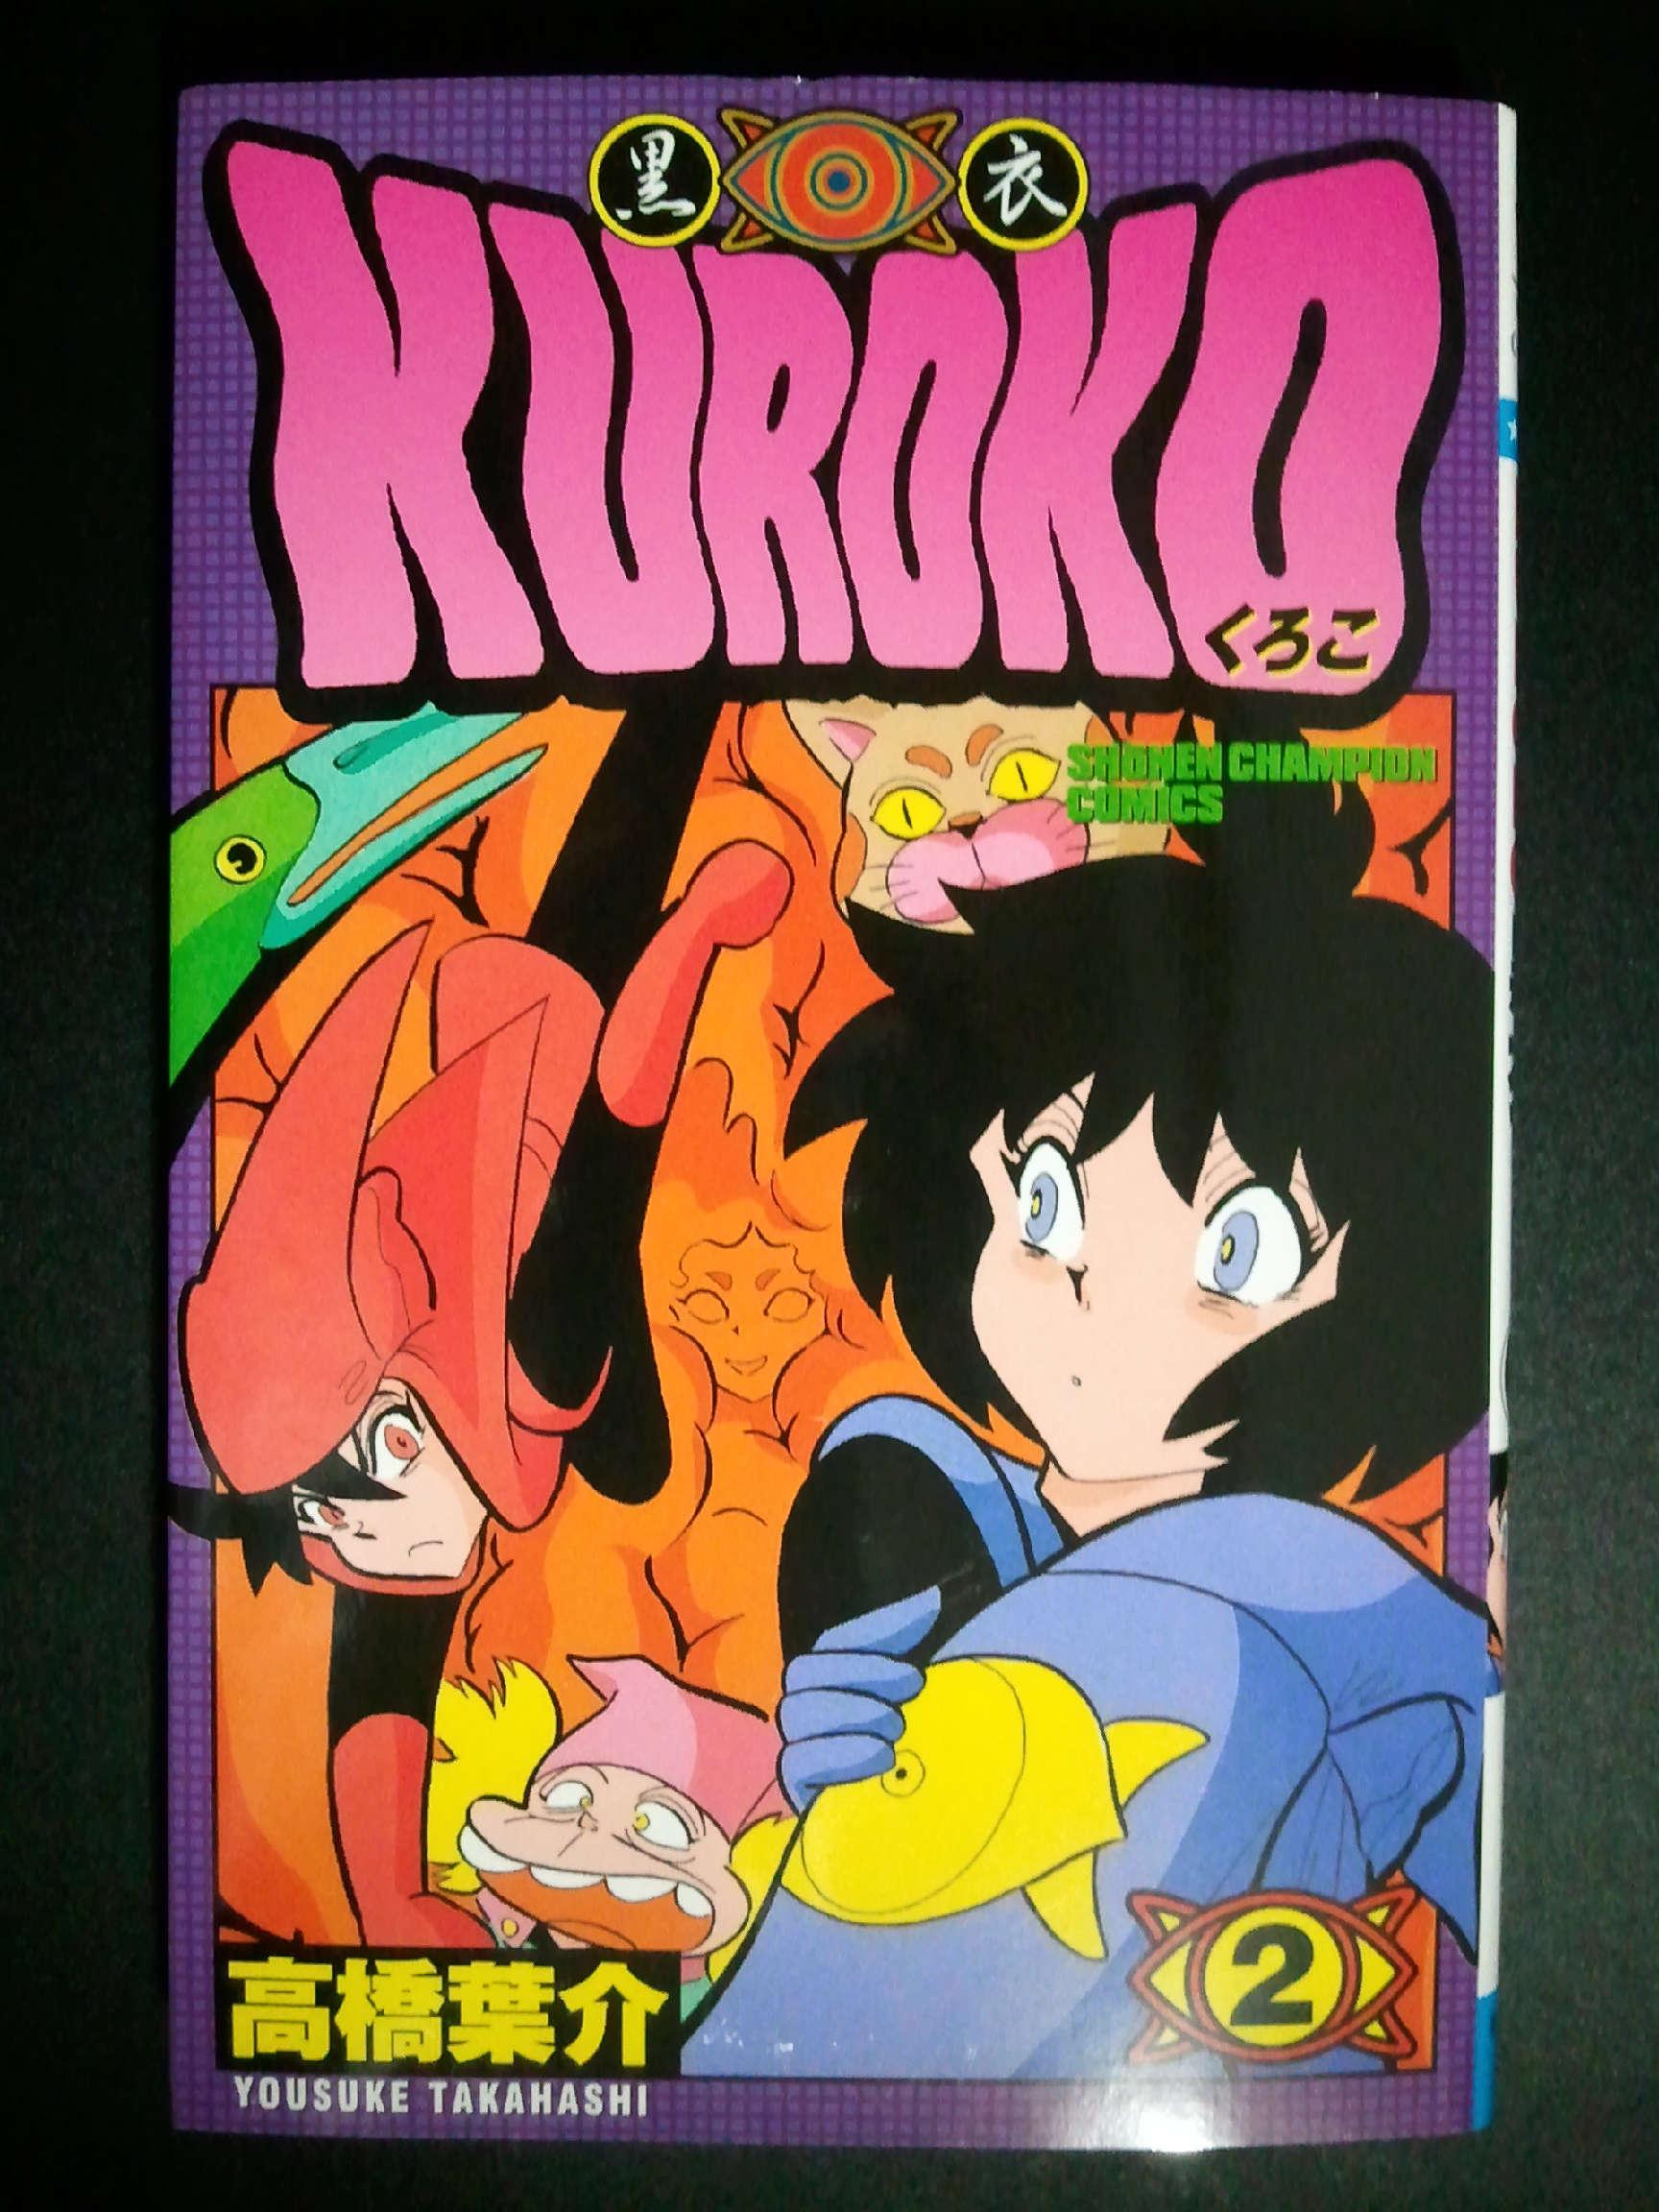 KUROKO 黒衣2